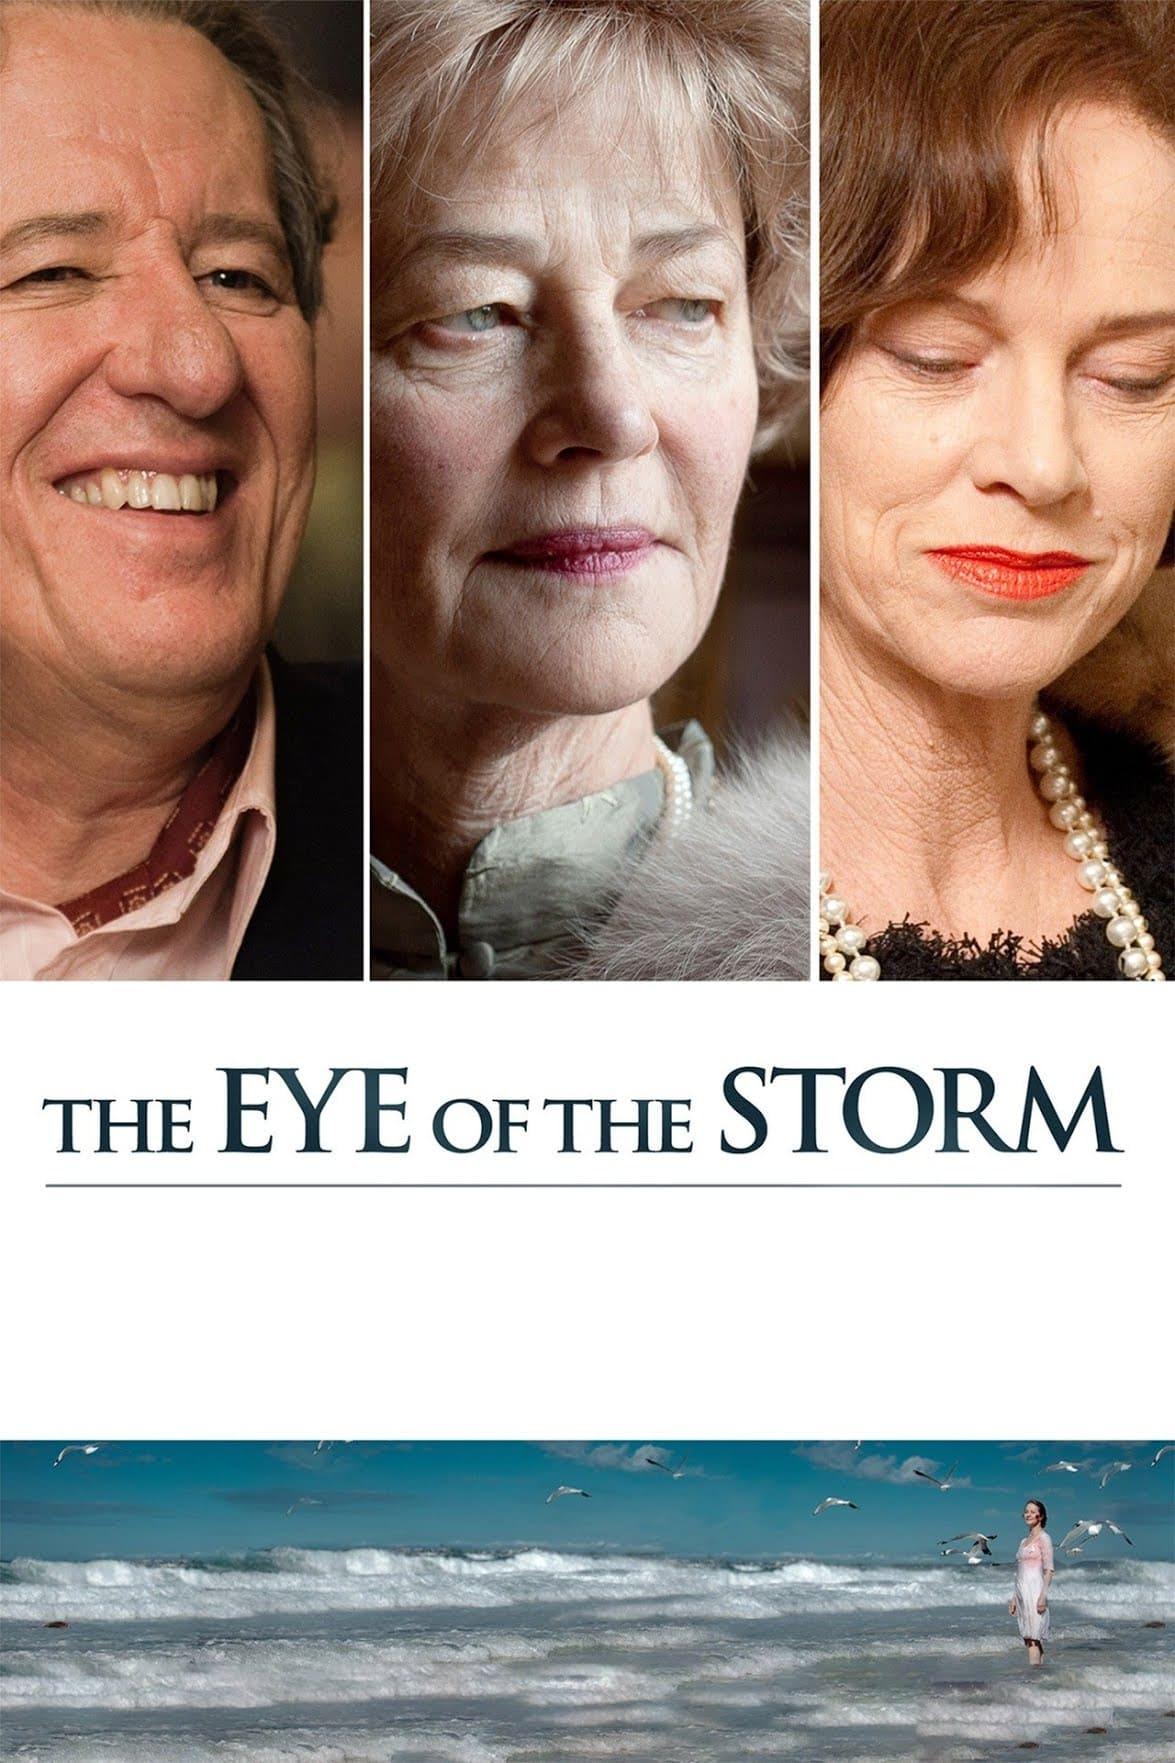 El foco de la tempestad